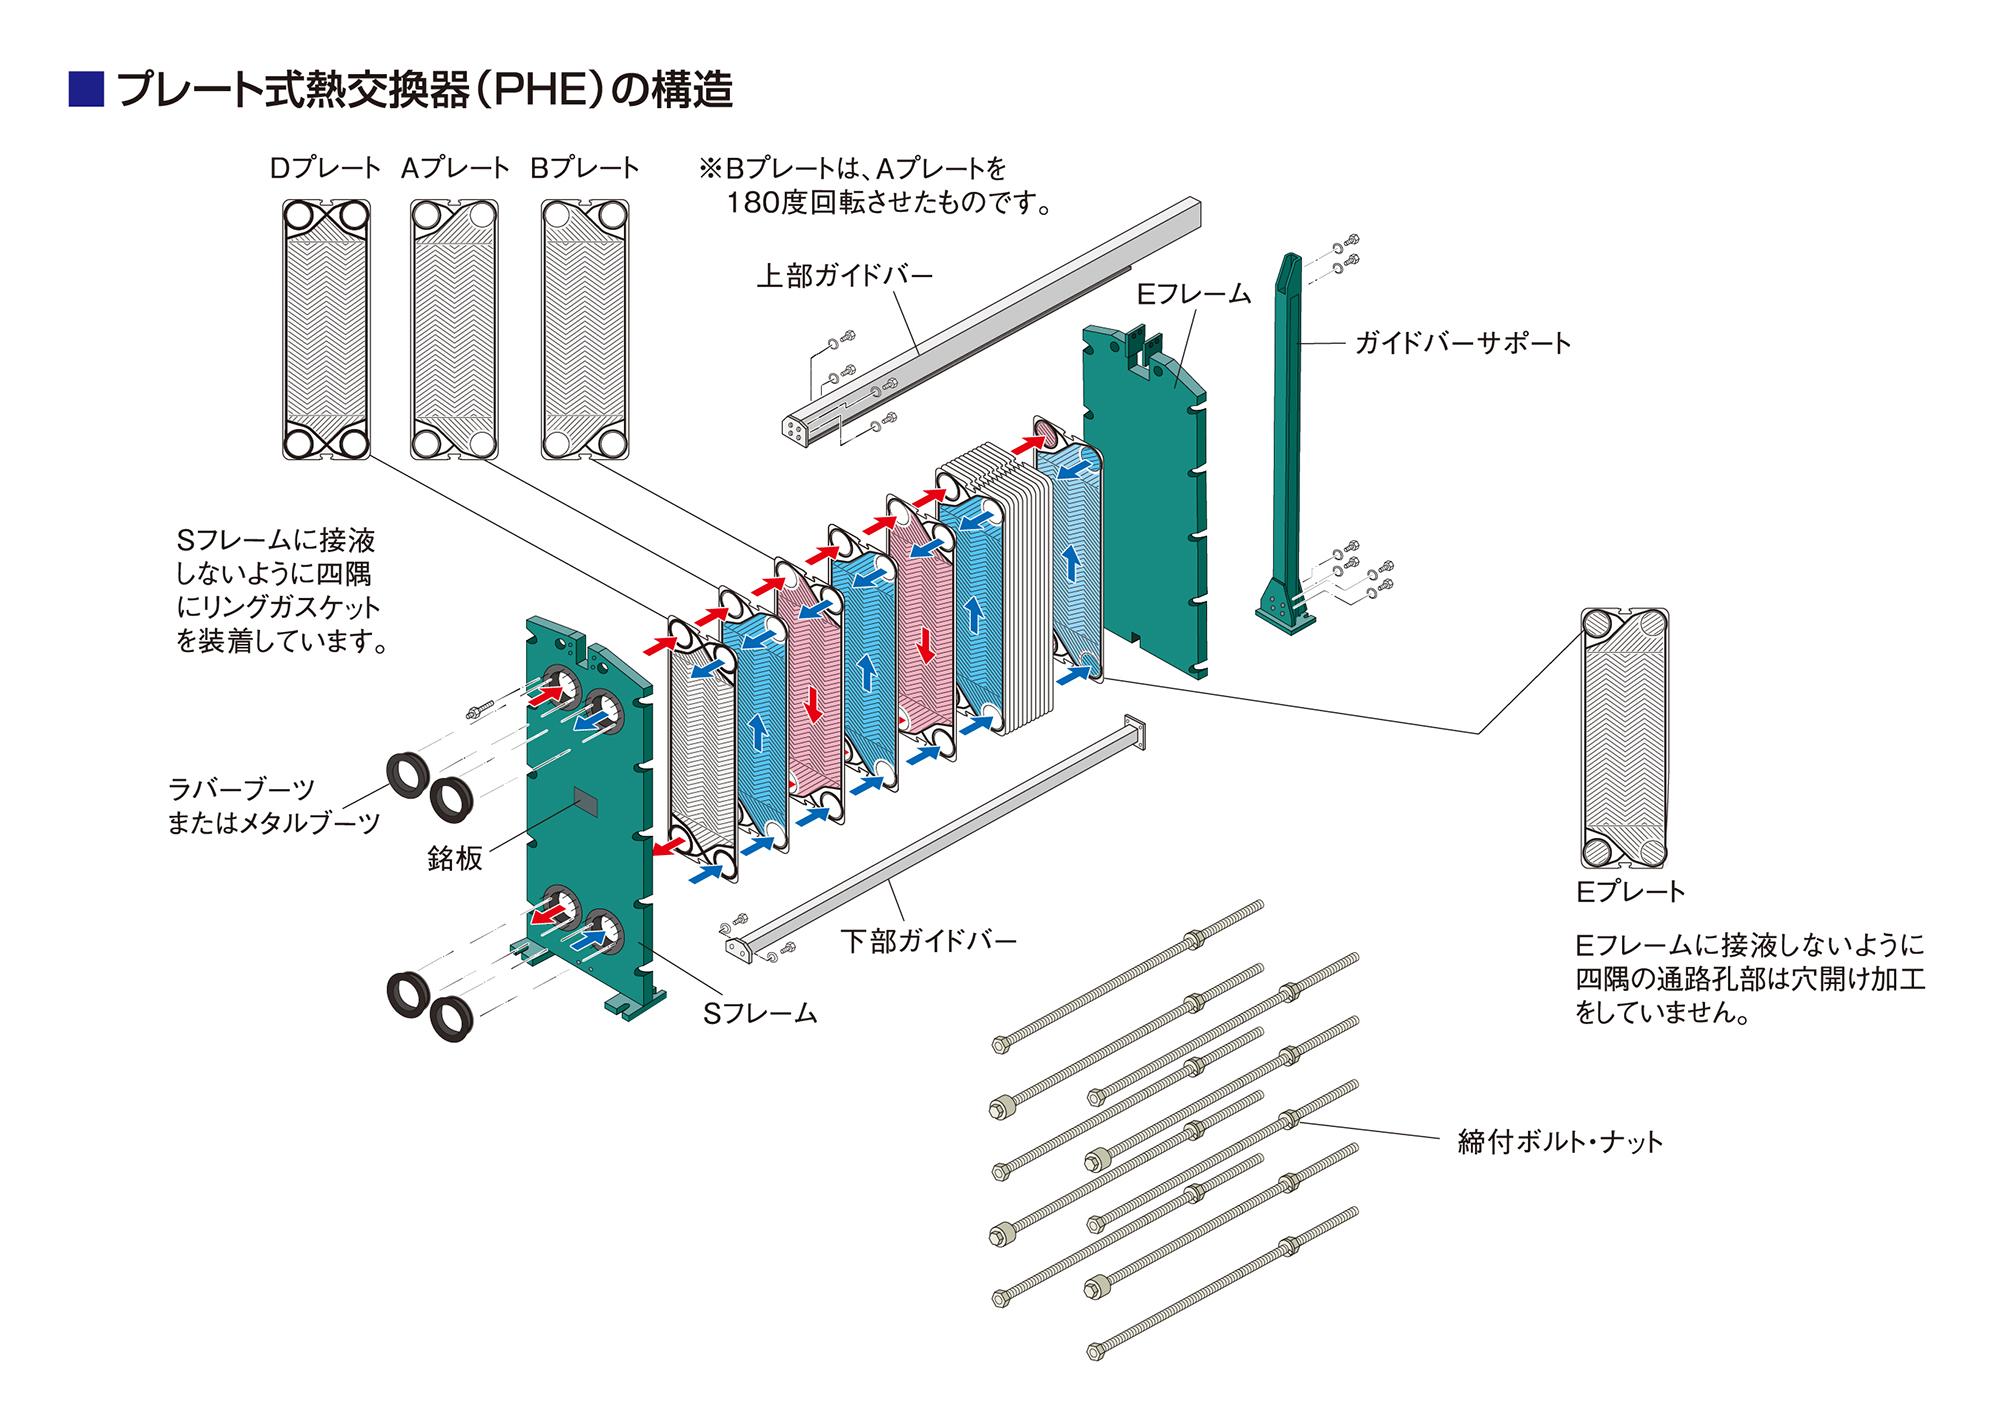 プレート式熱交換器(PHE)の構造